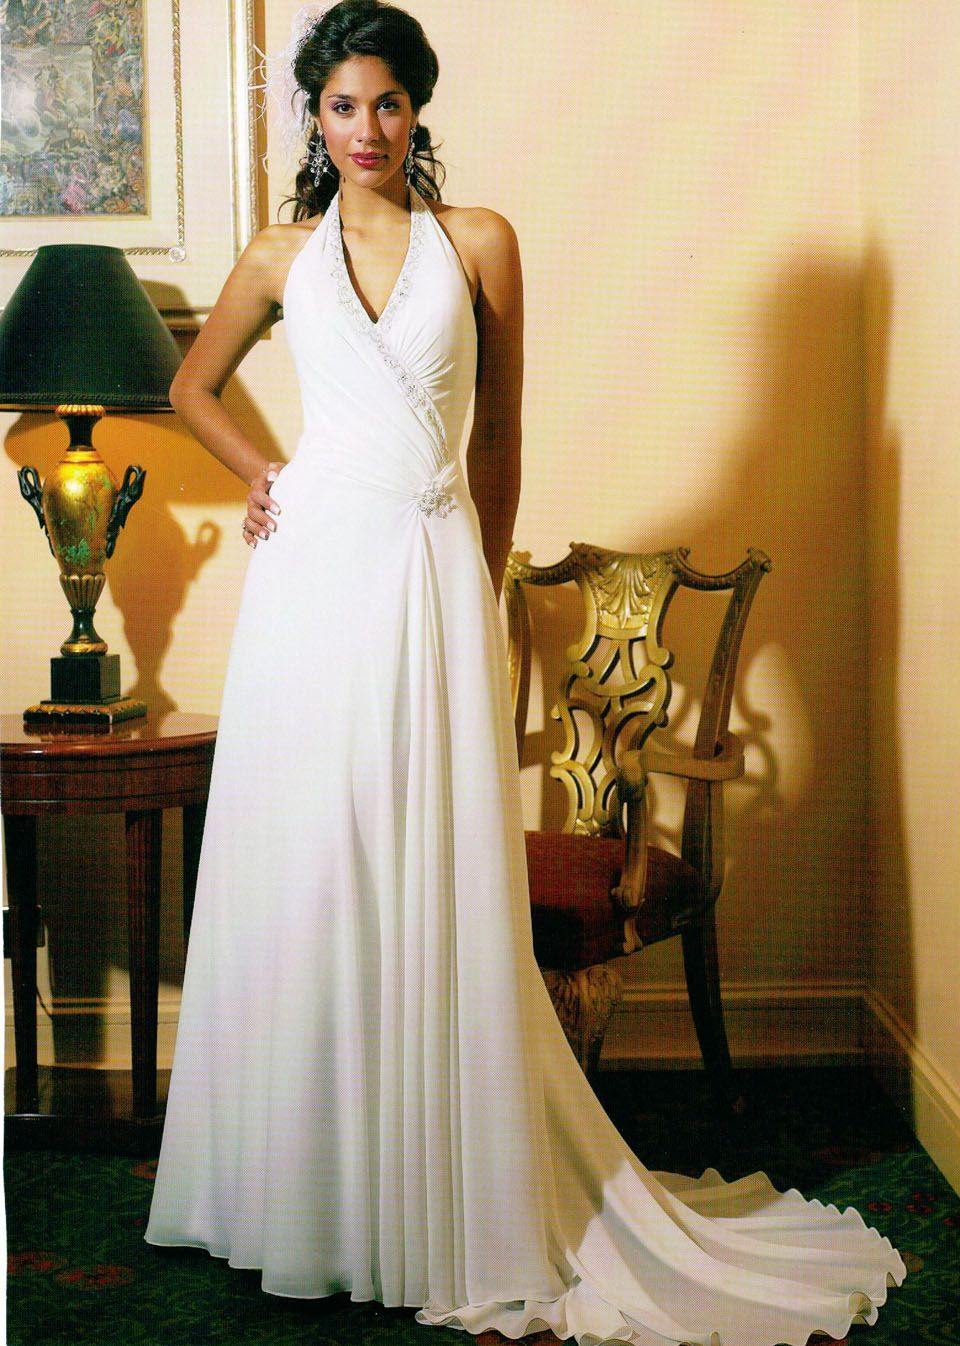 Wedding Dress Rental Las Vegas - Cold Shoulder Dresses for Wedding ...